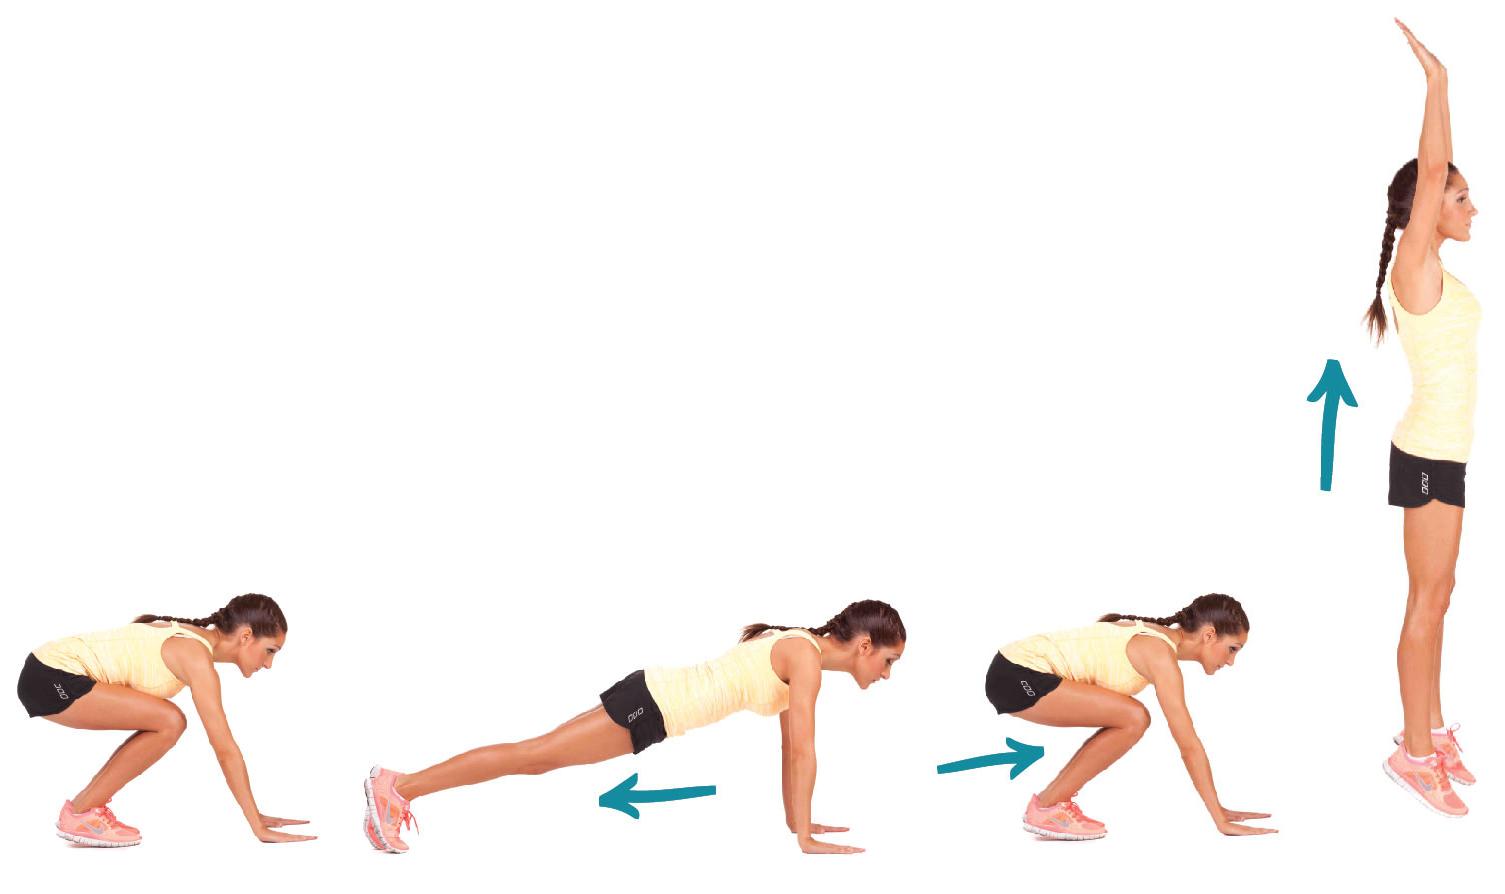 exercise_image_en22851804477960e8e0a3afc0580441e6